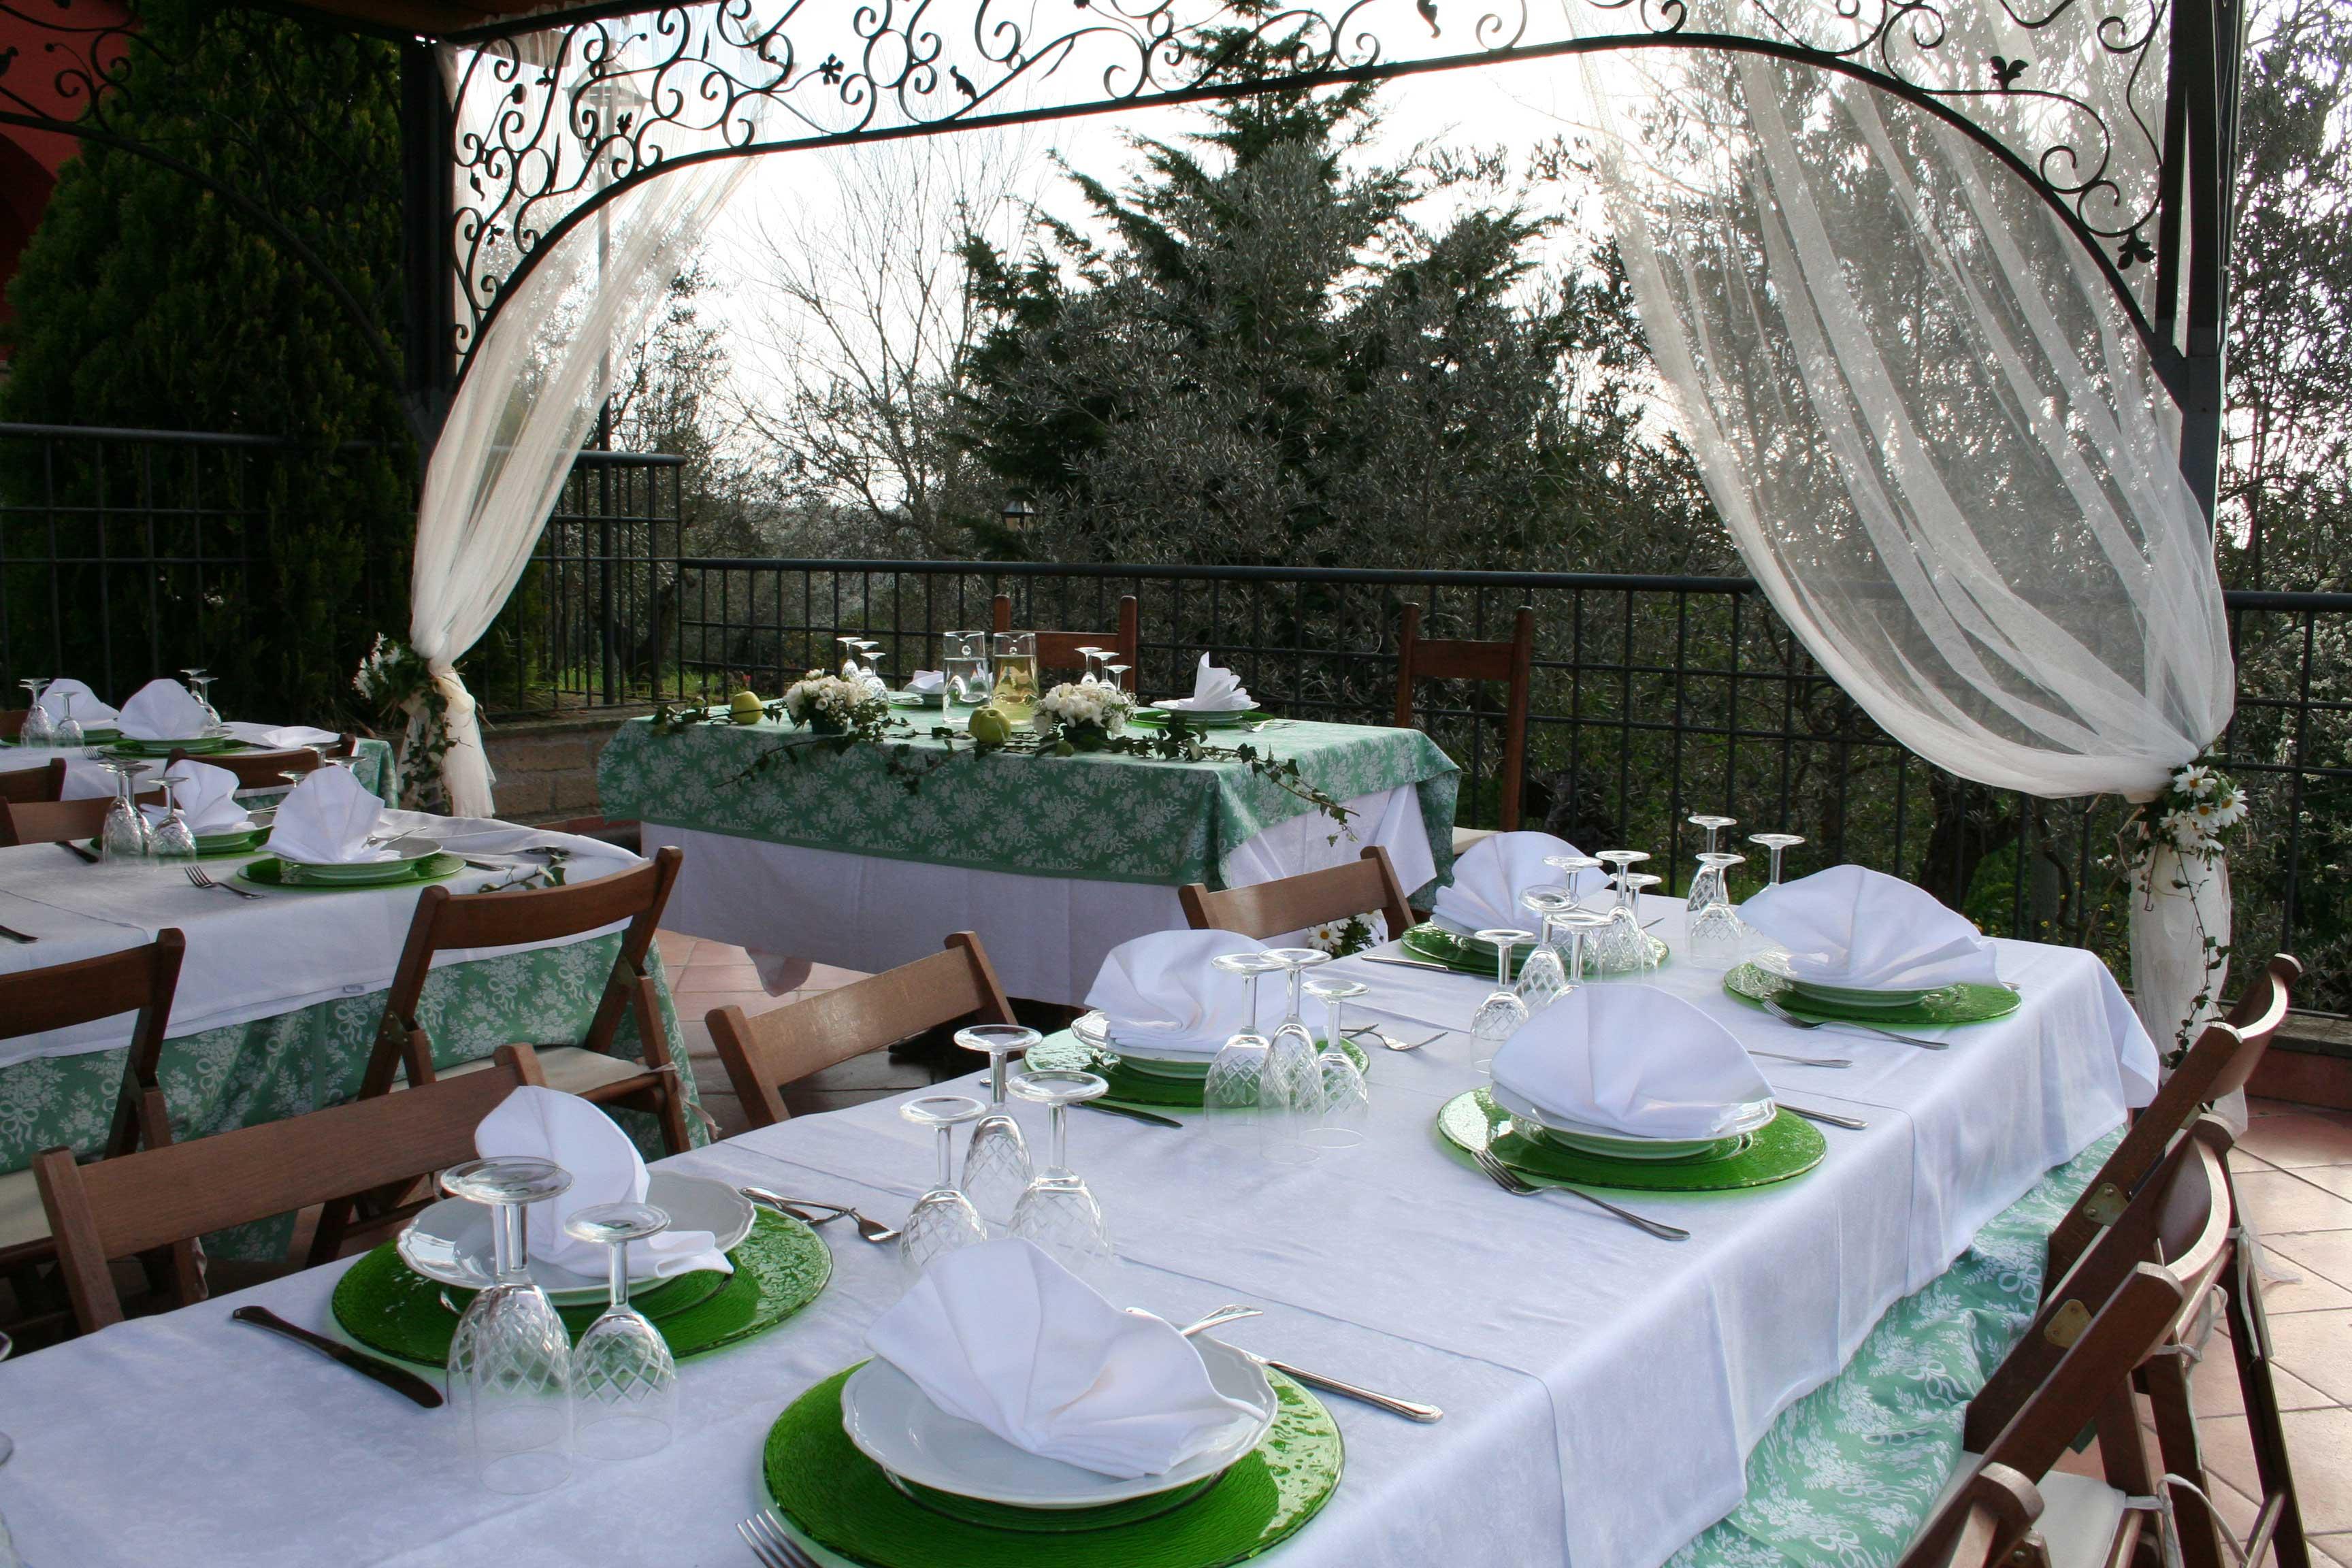 Matrimonio Campagna Romana : Matrimonio in agriturismo vicino roma ricevimenti e feste